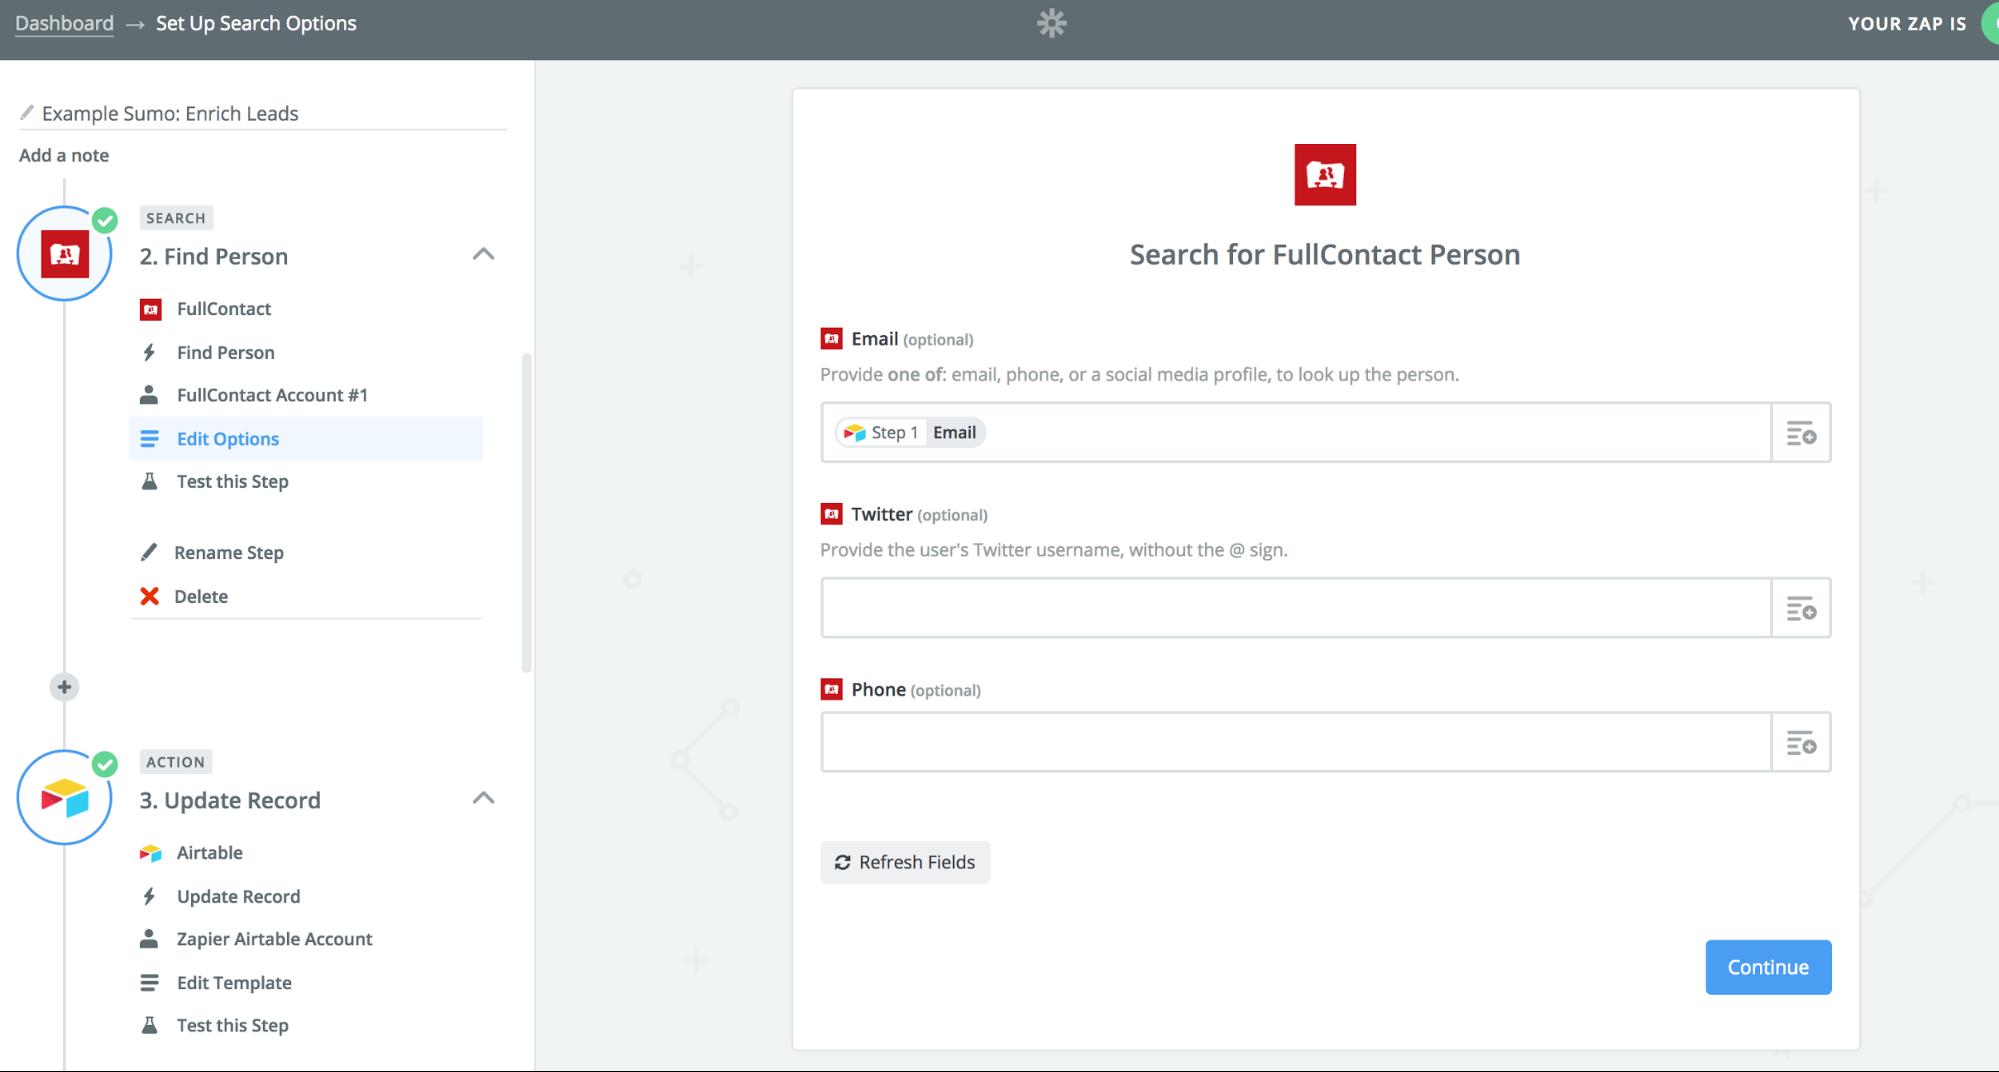 Screenshot showing a zap